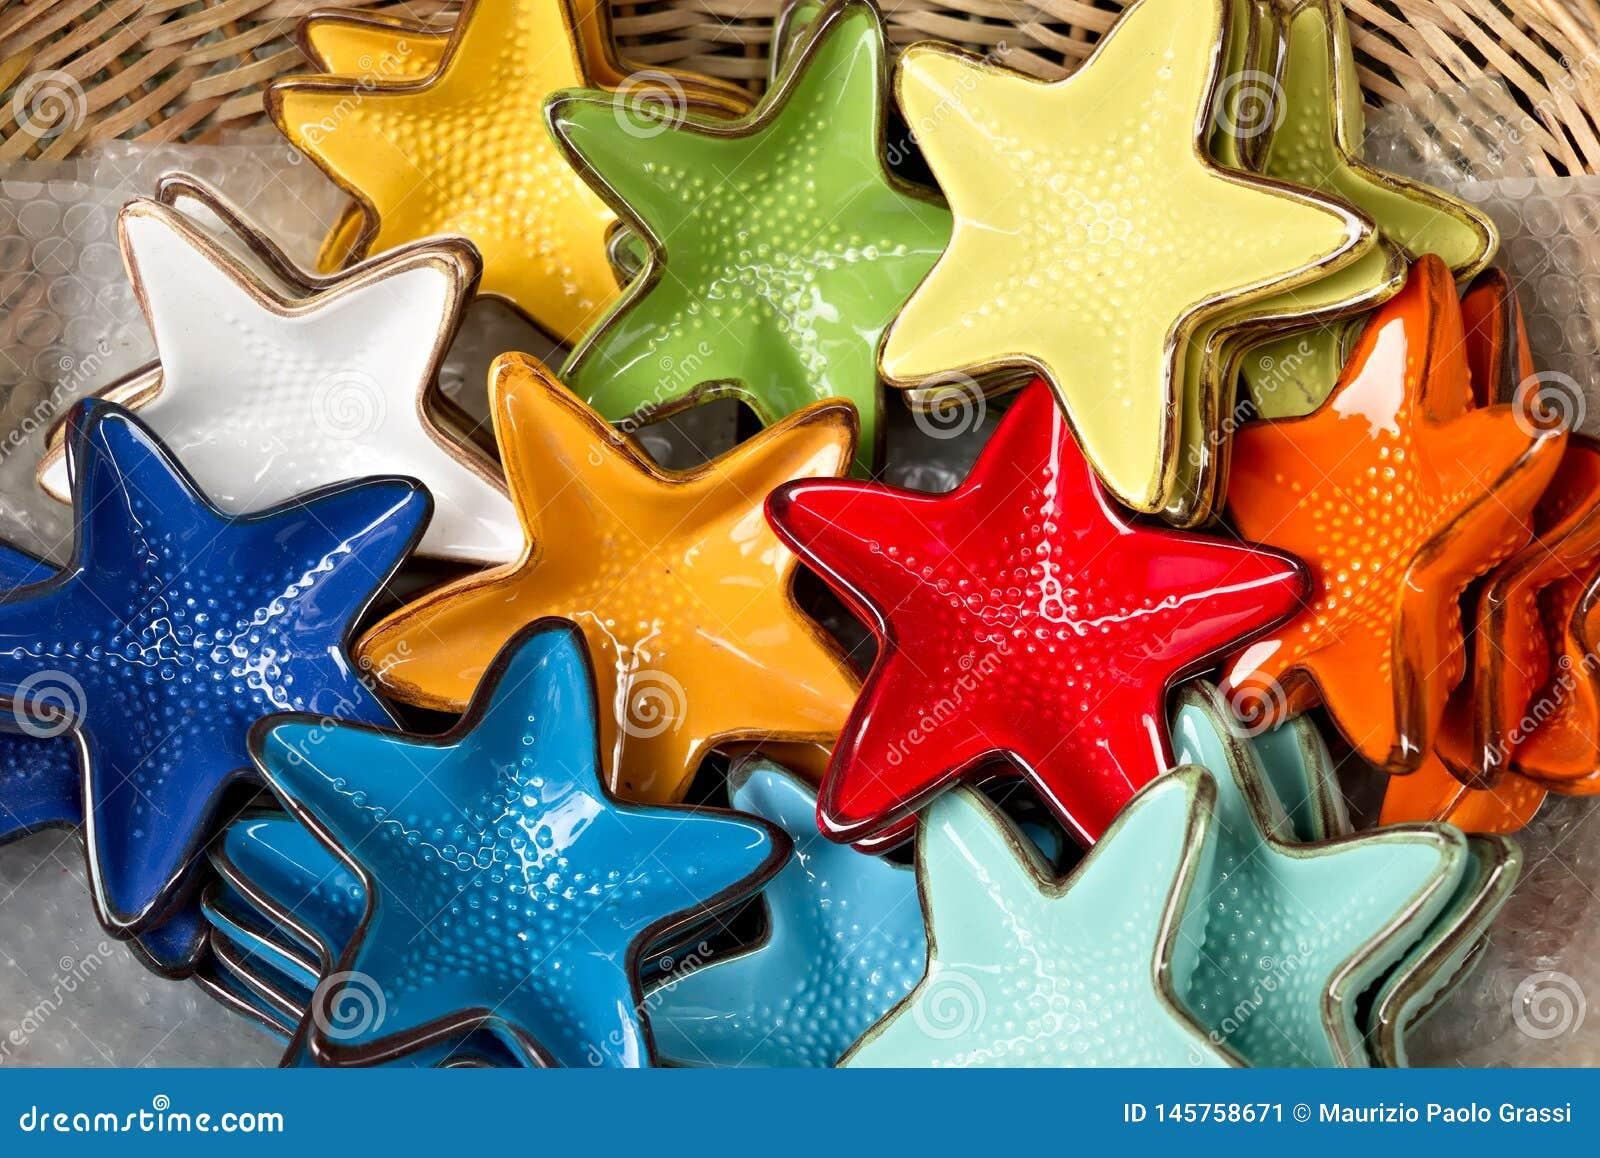 Corniglia, Cinque Terre. Handmade ceramic decorations representing colored sea stars